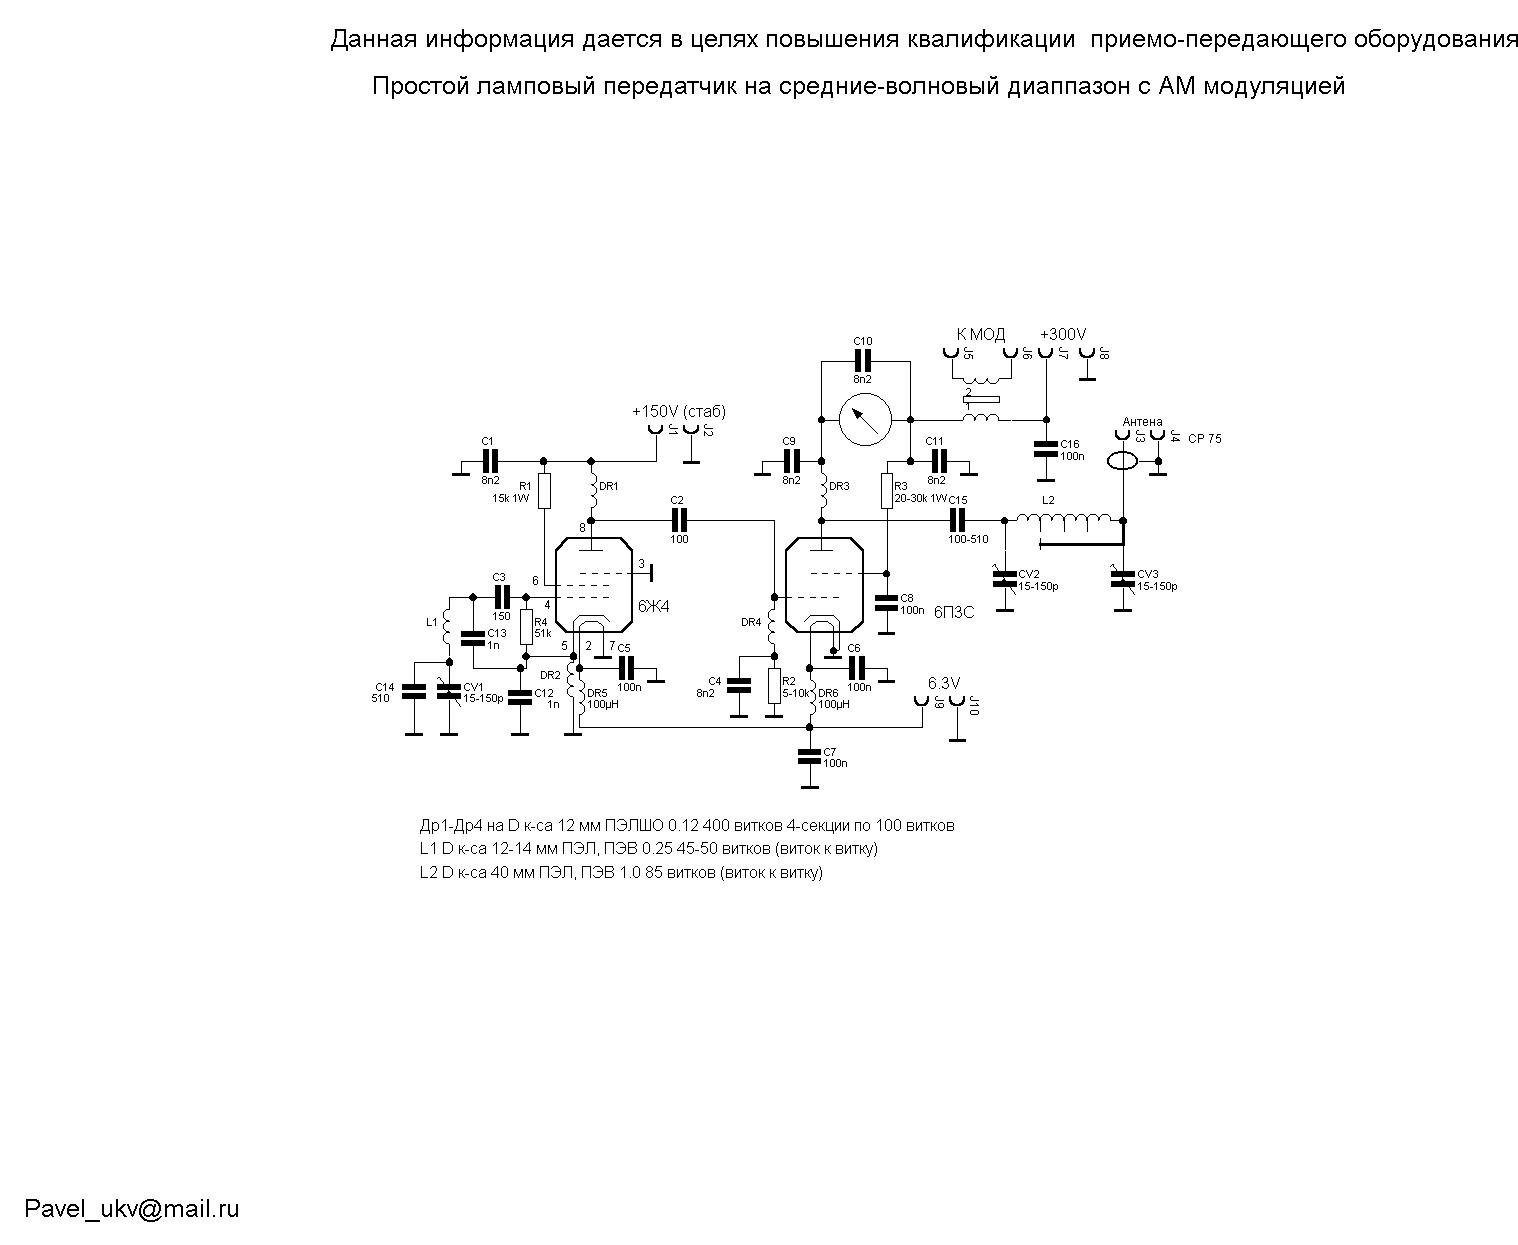 передатчик кв схемы